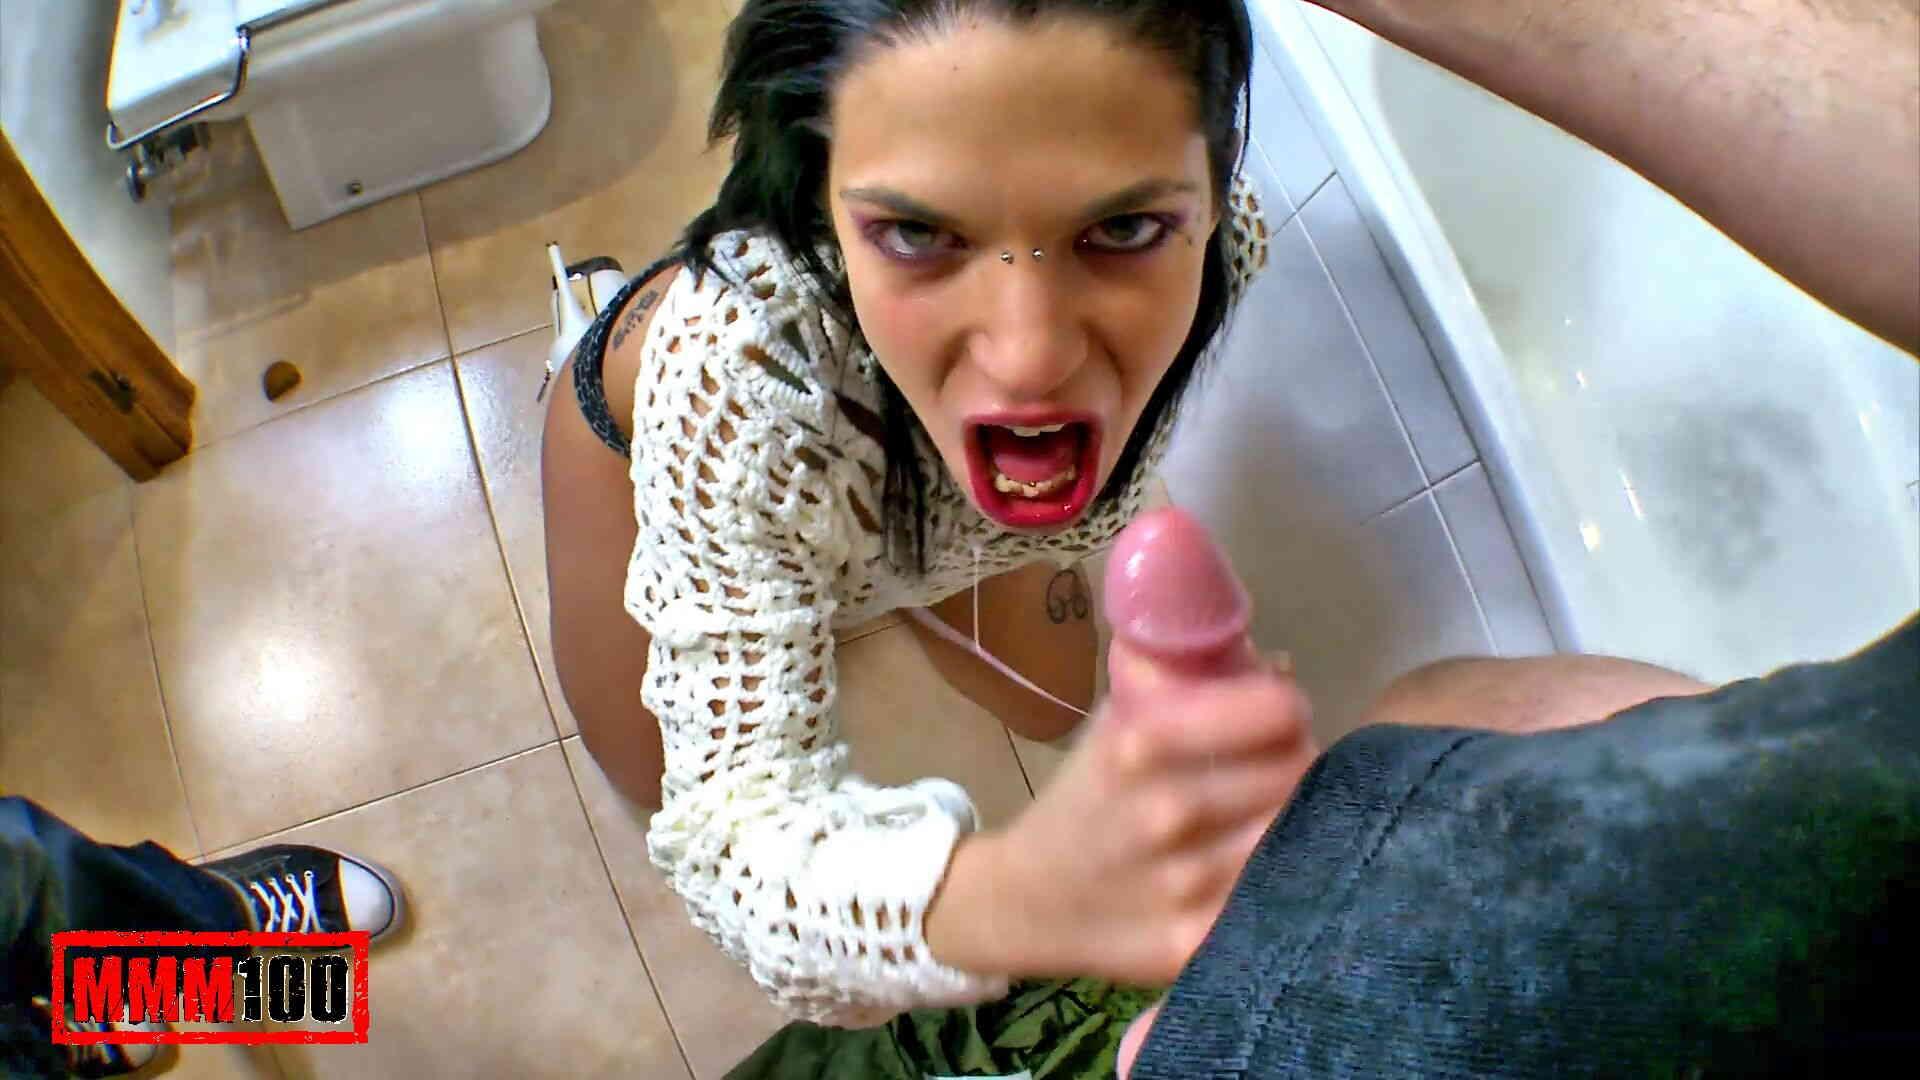 Aris Dark Myhyv Porn showing porn images for aris dark xxx porn | www.porndaa